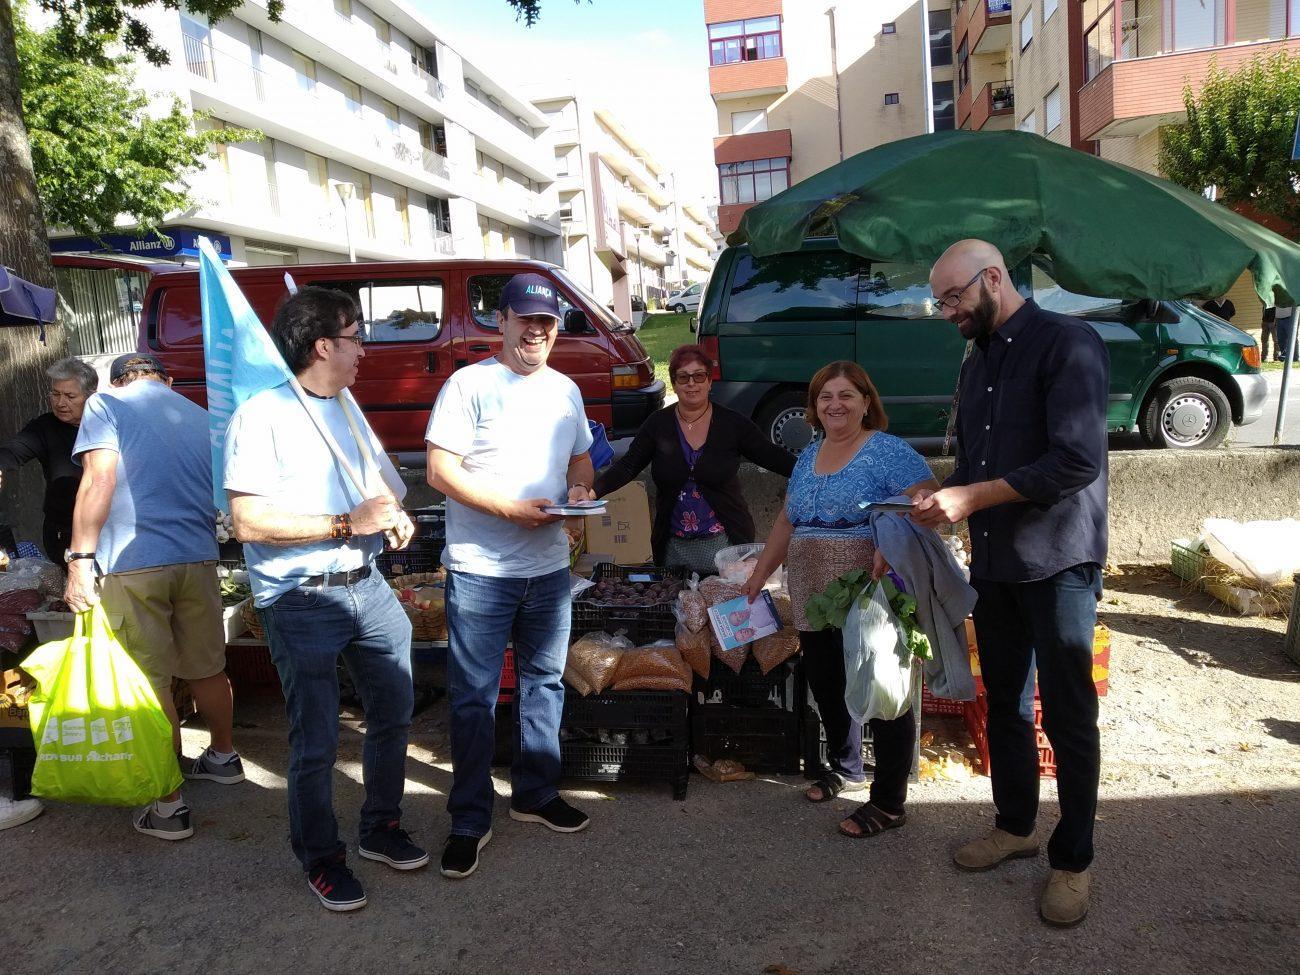 LEGISLATIVAS - Aliança apresentou medidas na feira semanal de Amares